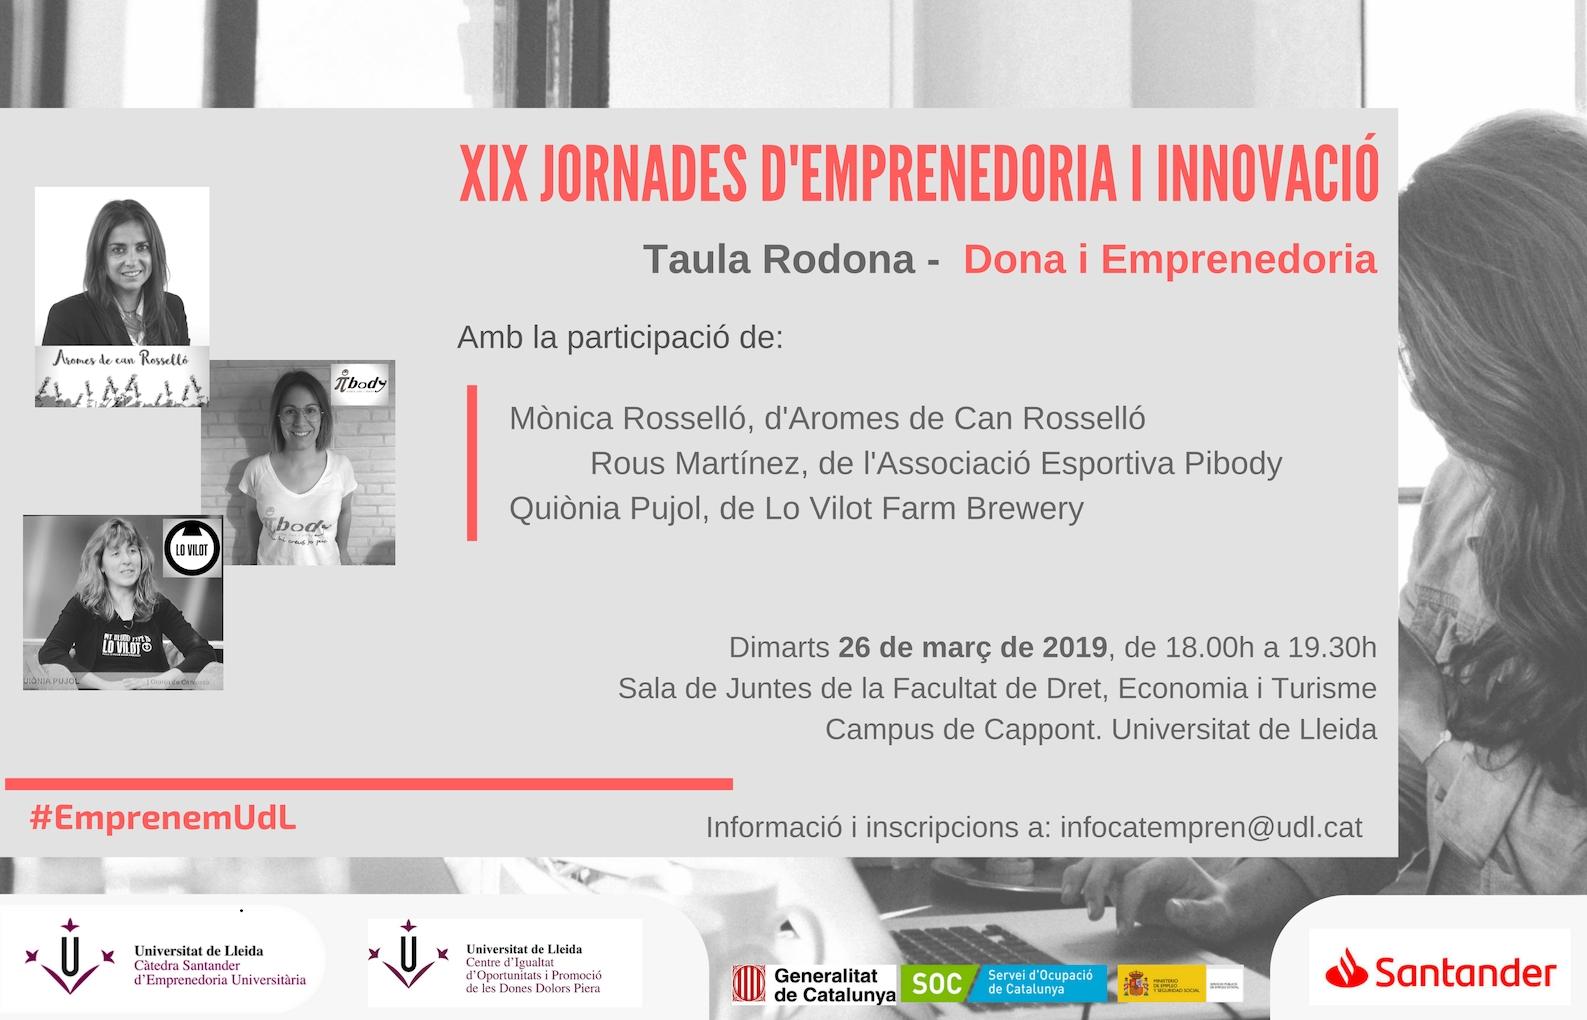 XIX Jornades d'Emprenedoria i Innovació